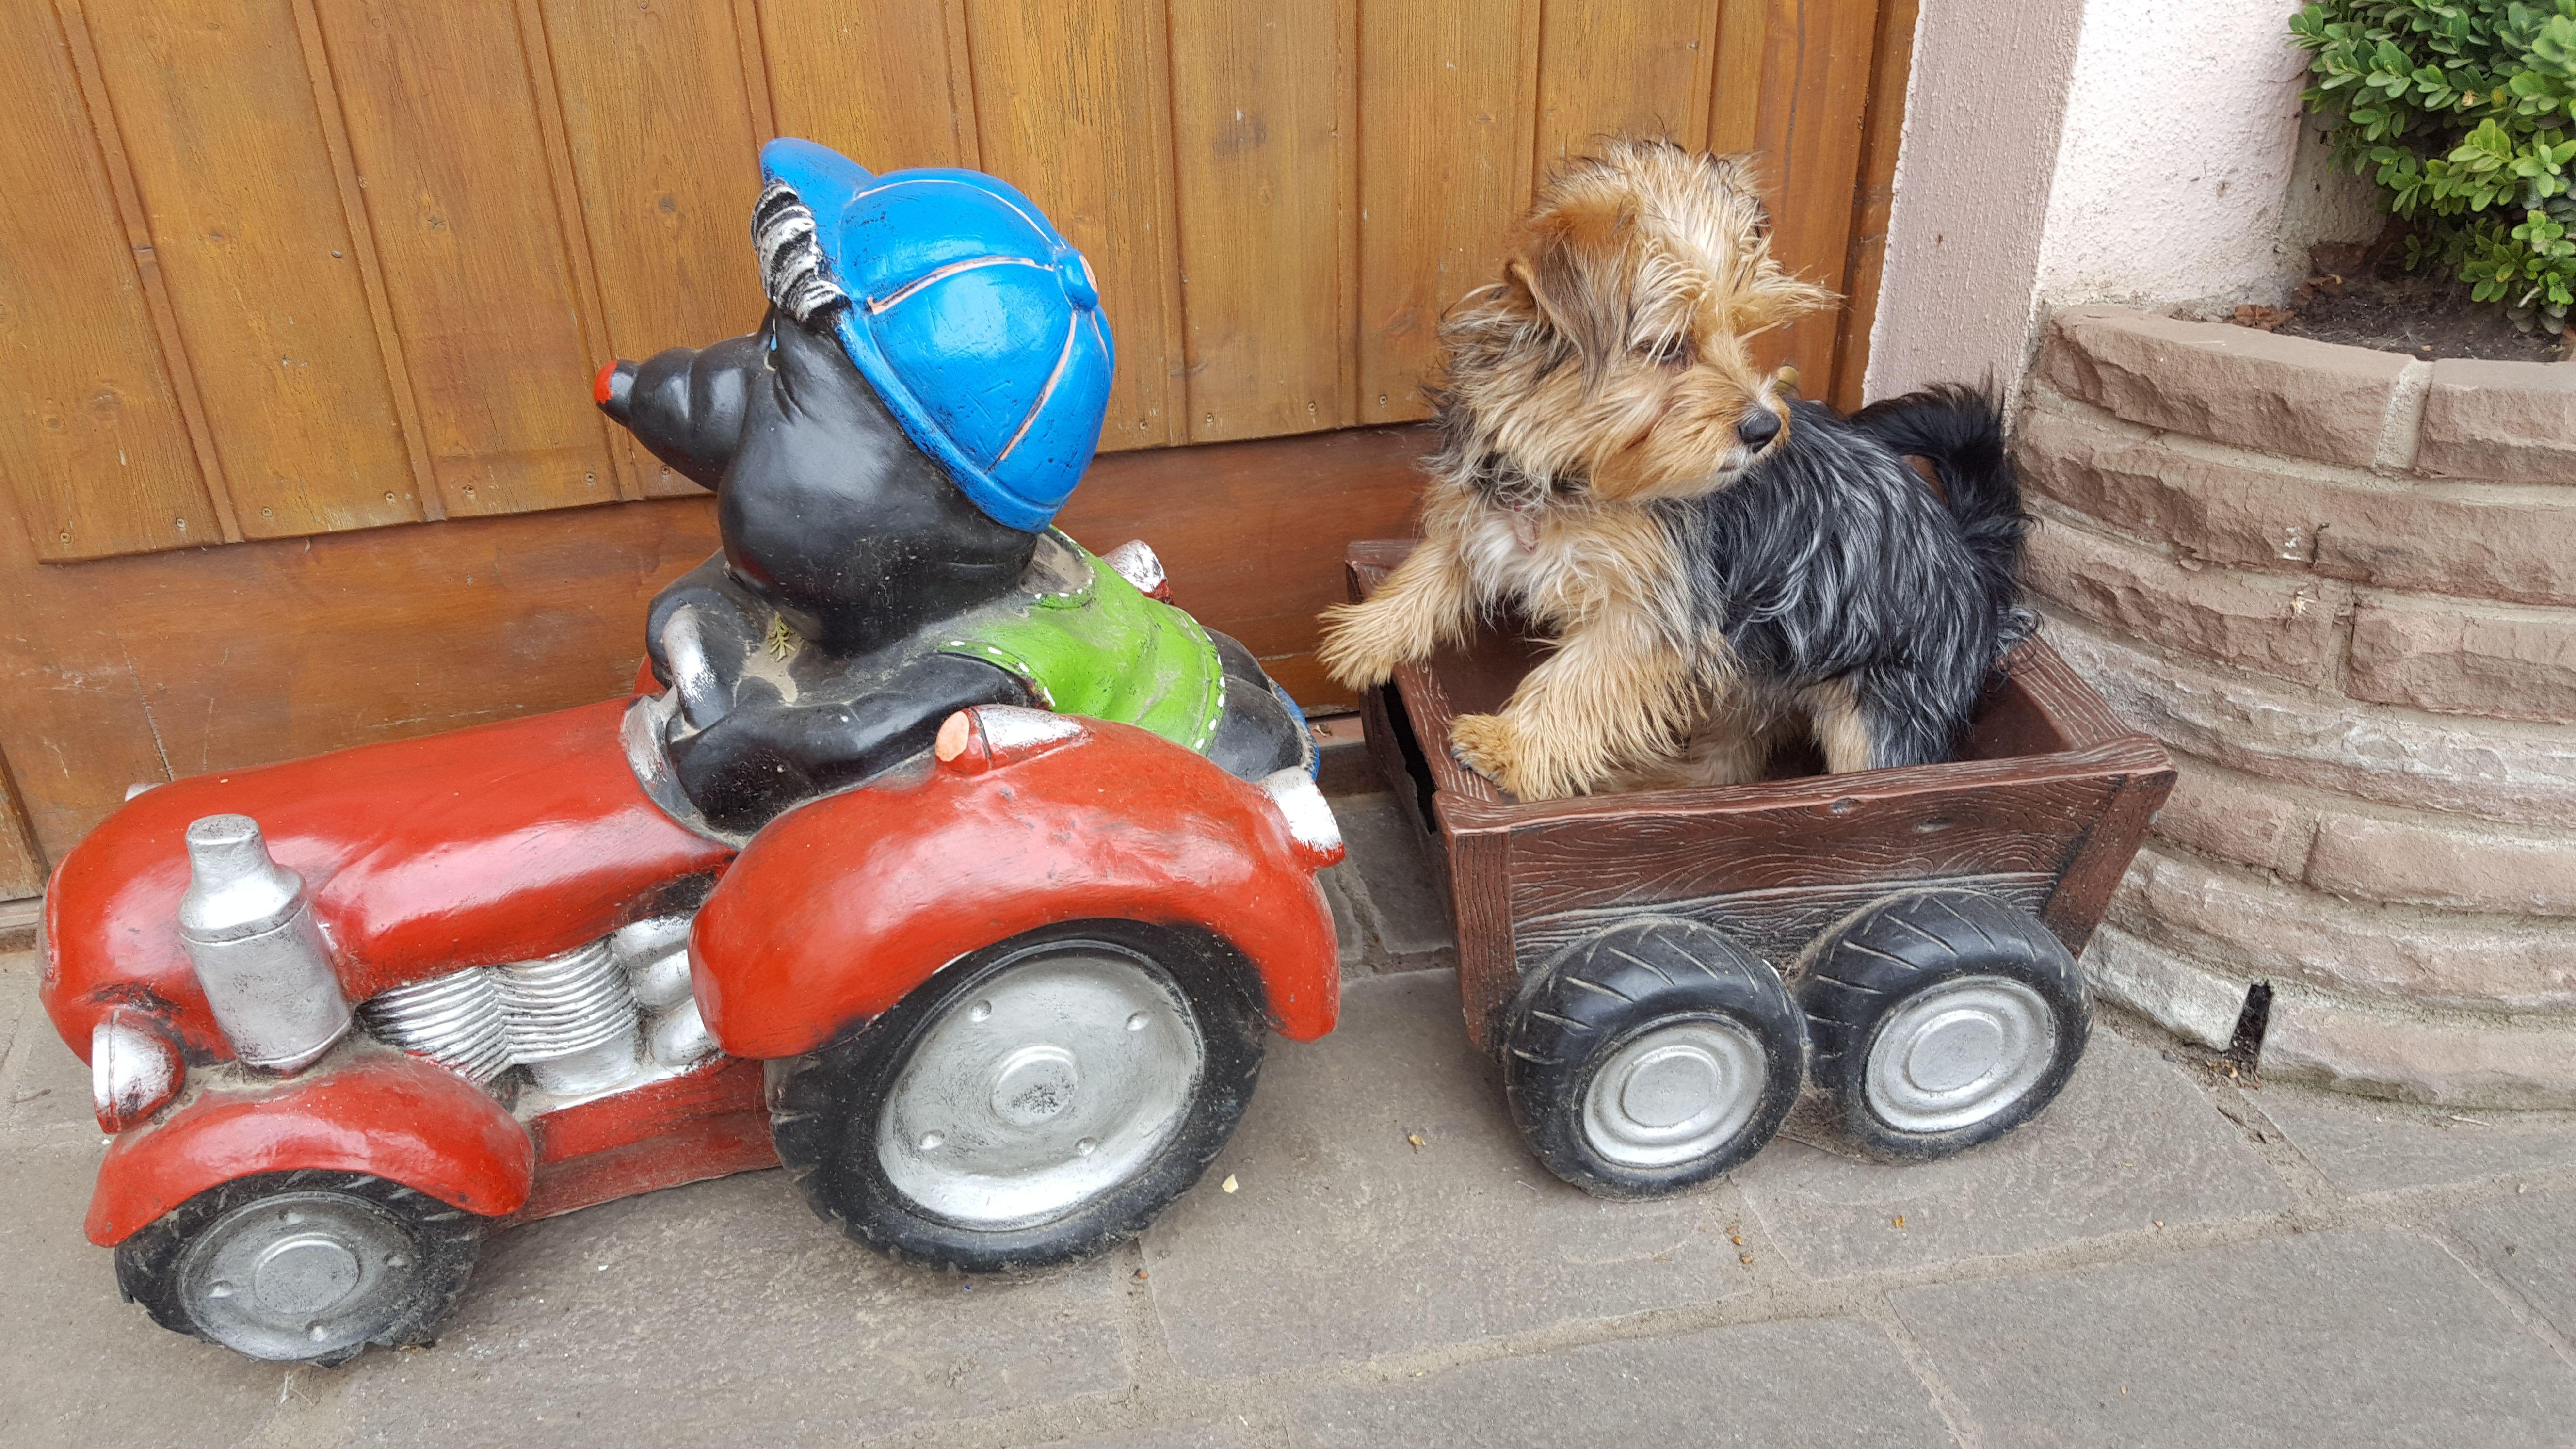 Hunde Foto: Heidi und Floh - Flöhchen on Tour Hier Dein Bild hochladen: http://ichliebehunde.com/hund-des-tages  #hund #hunde #hundebild #hundebilder #dog #dogs #dogfun  #dogpic #dogpictures